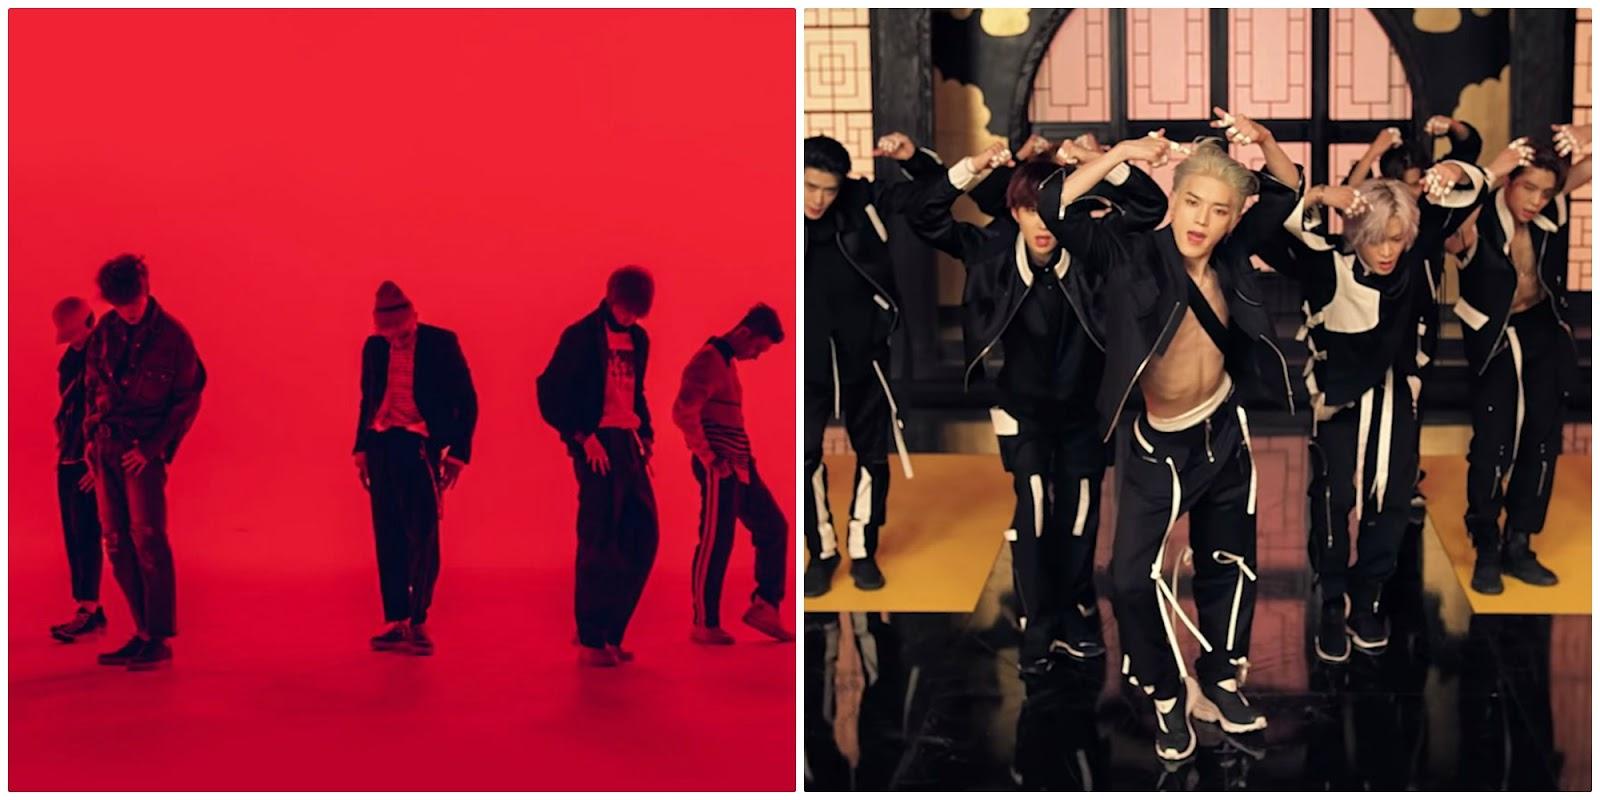 13个K-Pop韩国偶像组合从出道到现在变化很大